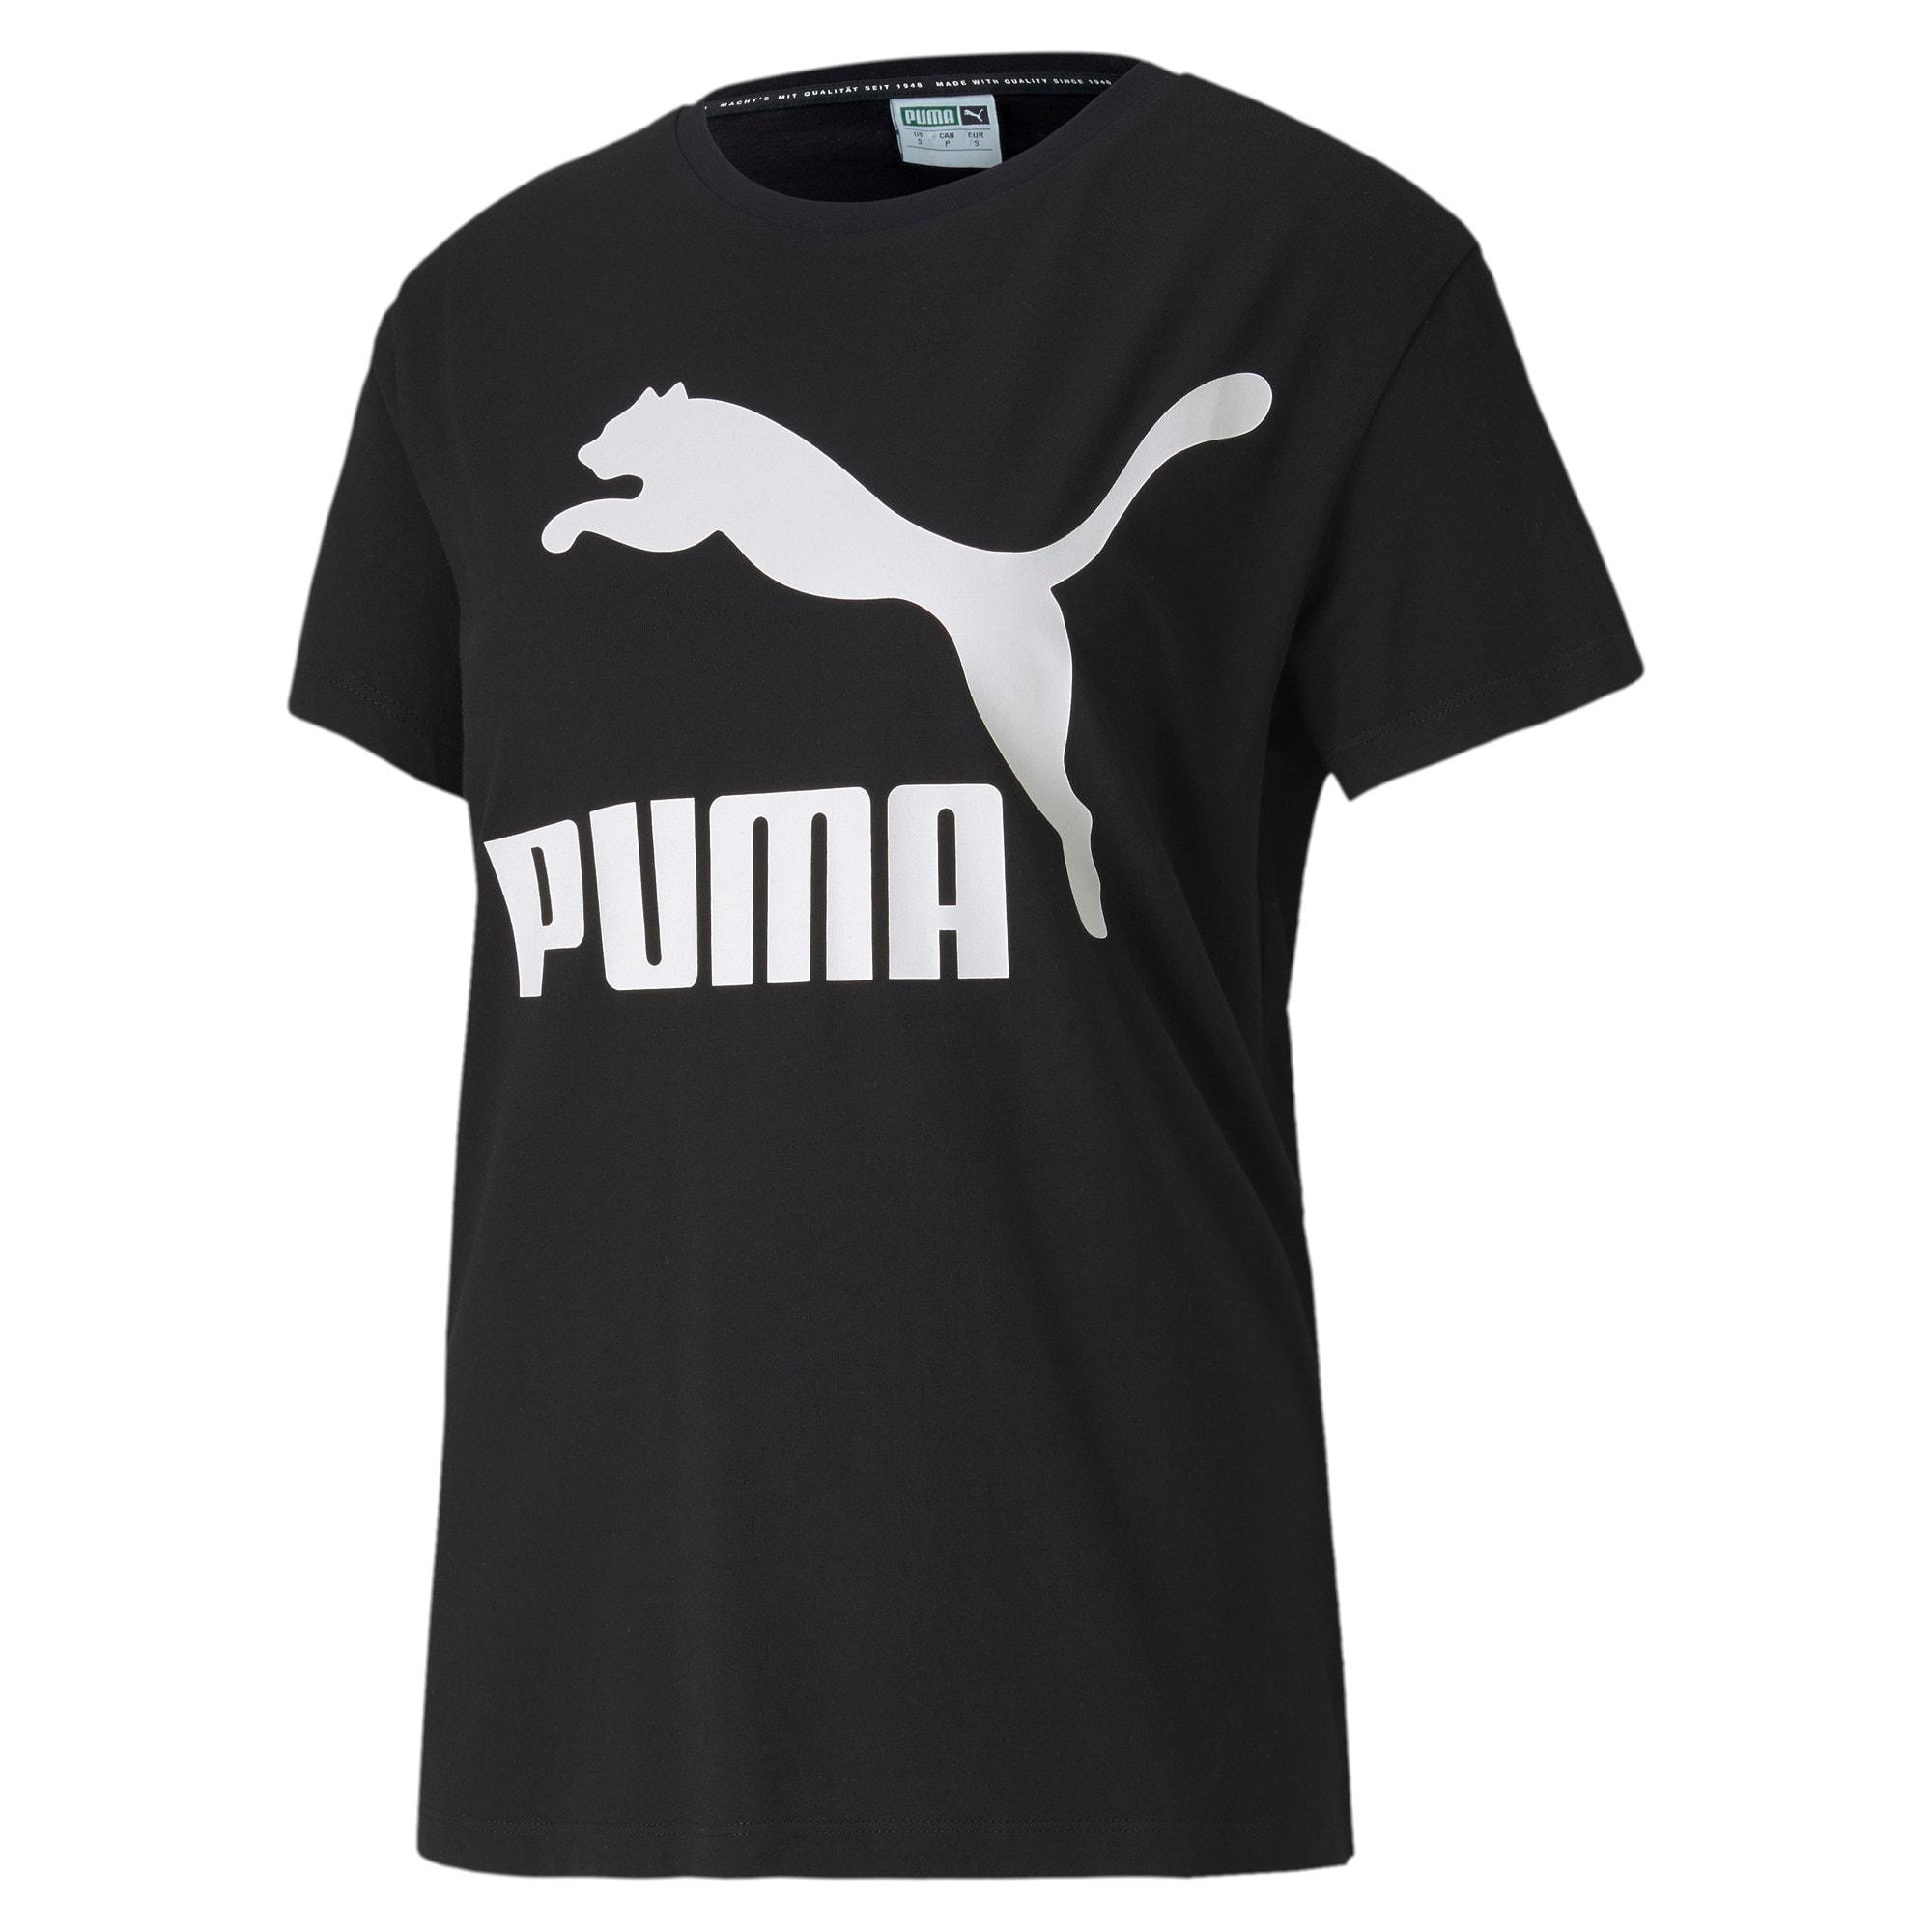 Thumbnail 4 of Classics Logo T-shirt voor dames, Puma Black - 1, medium